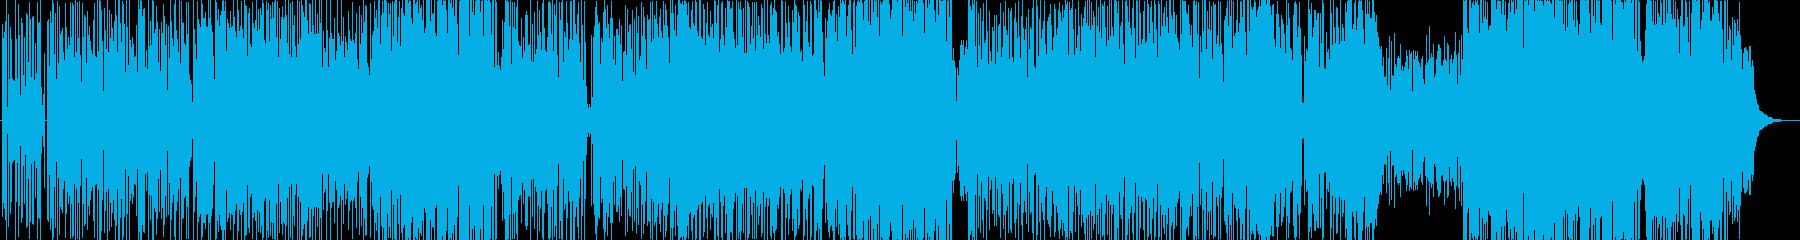 王道フュージョンにしてキャッチーな一曲の再生済みの波形